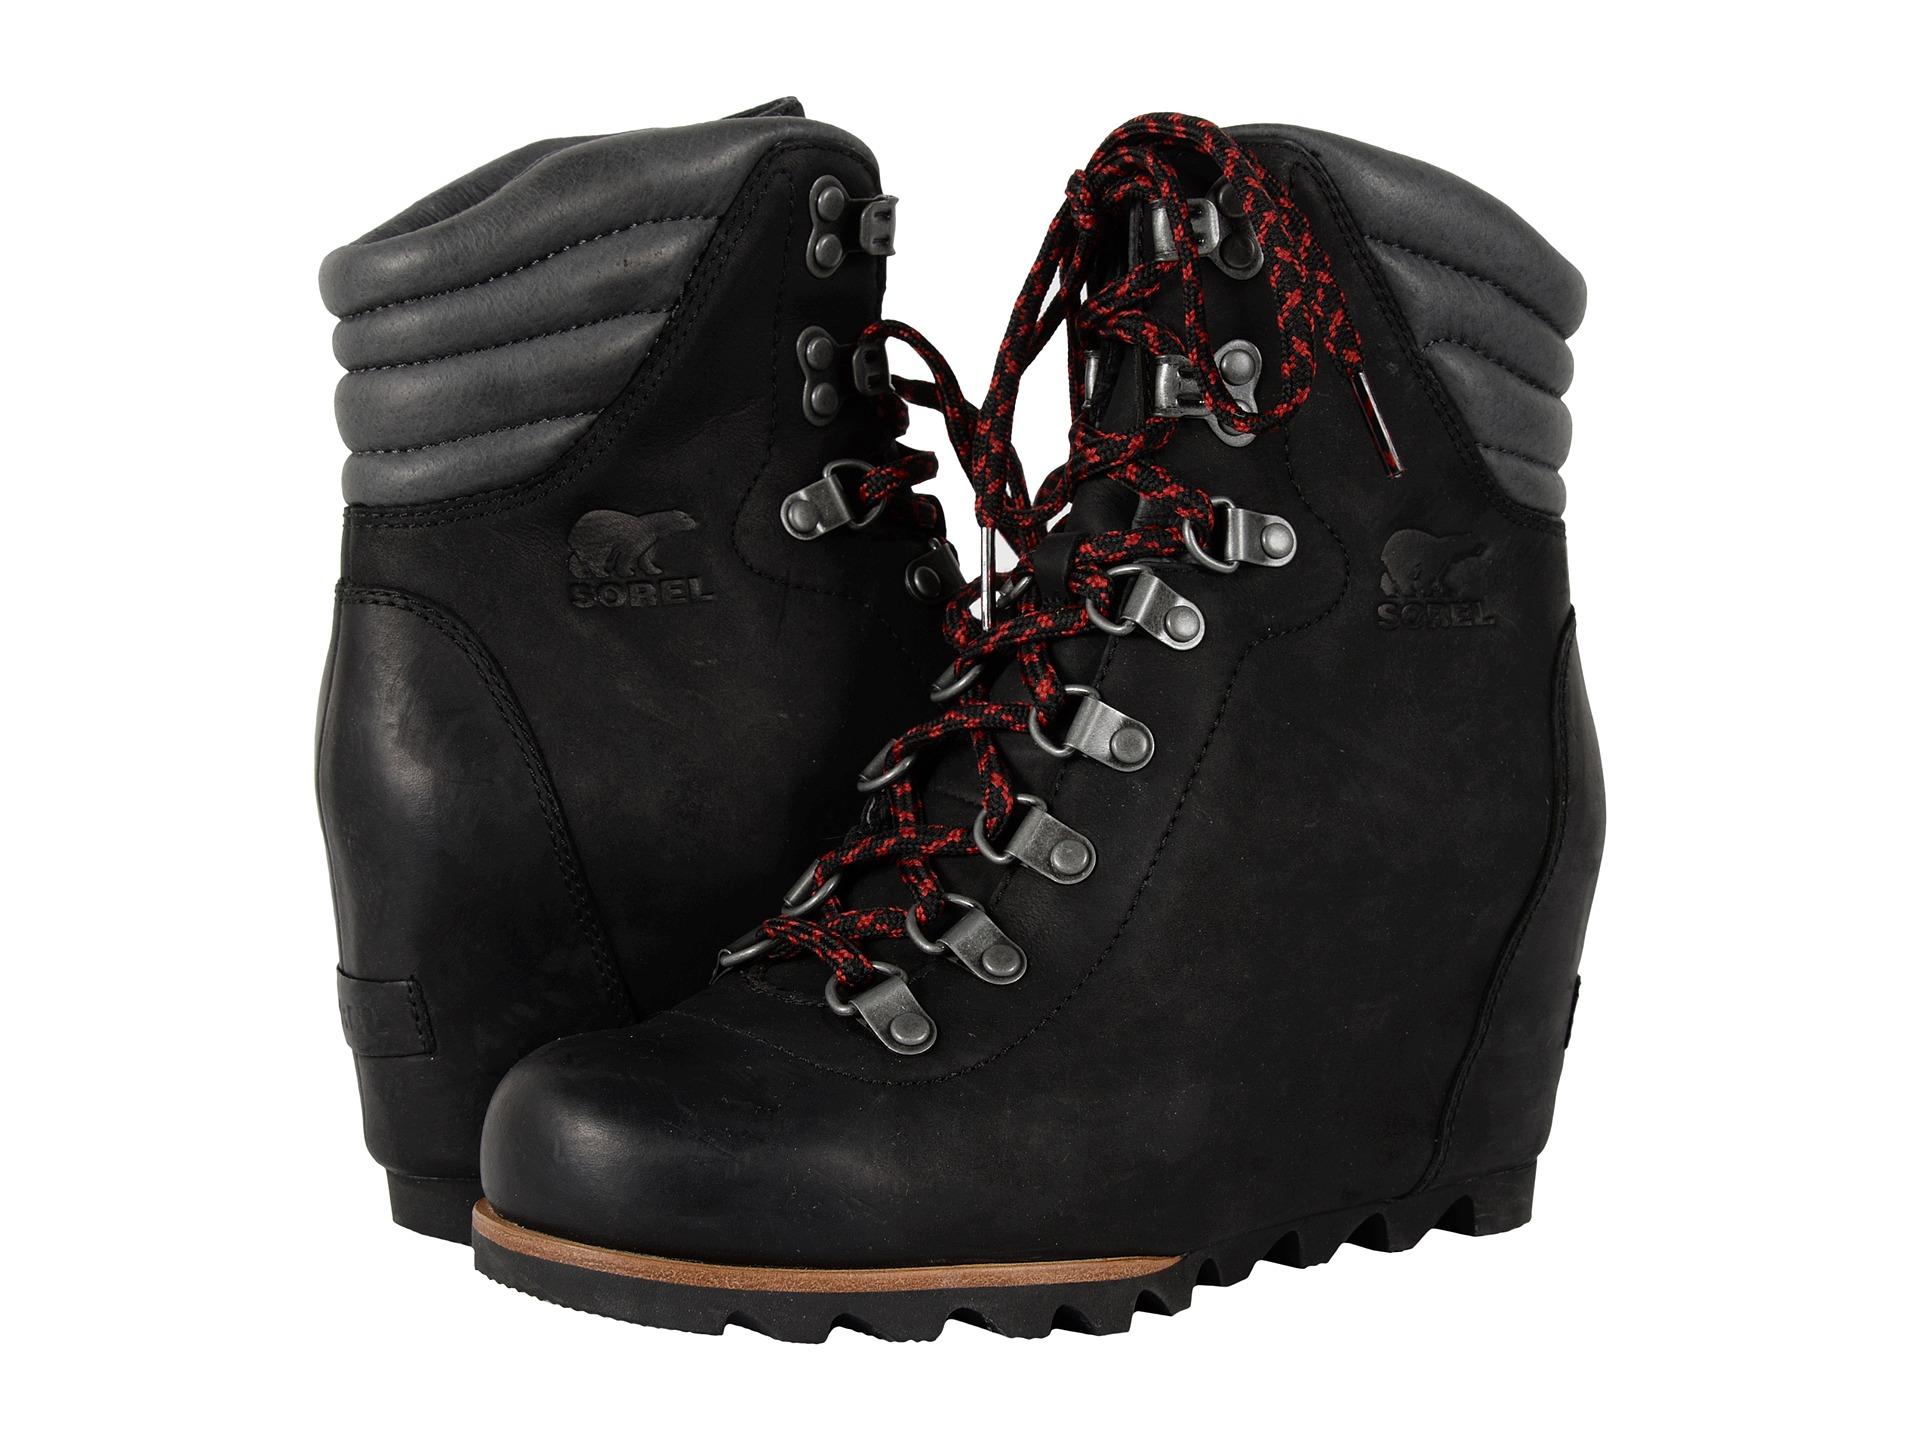 Sorel Conquest Wedge Boots